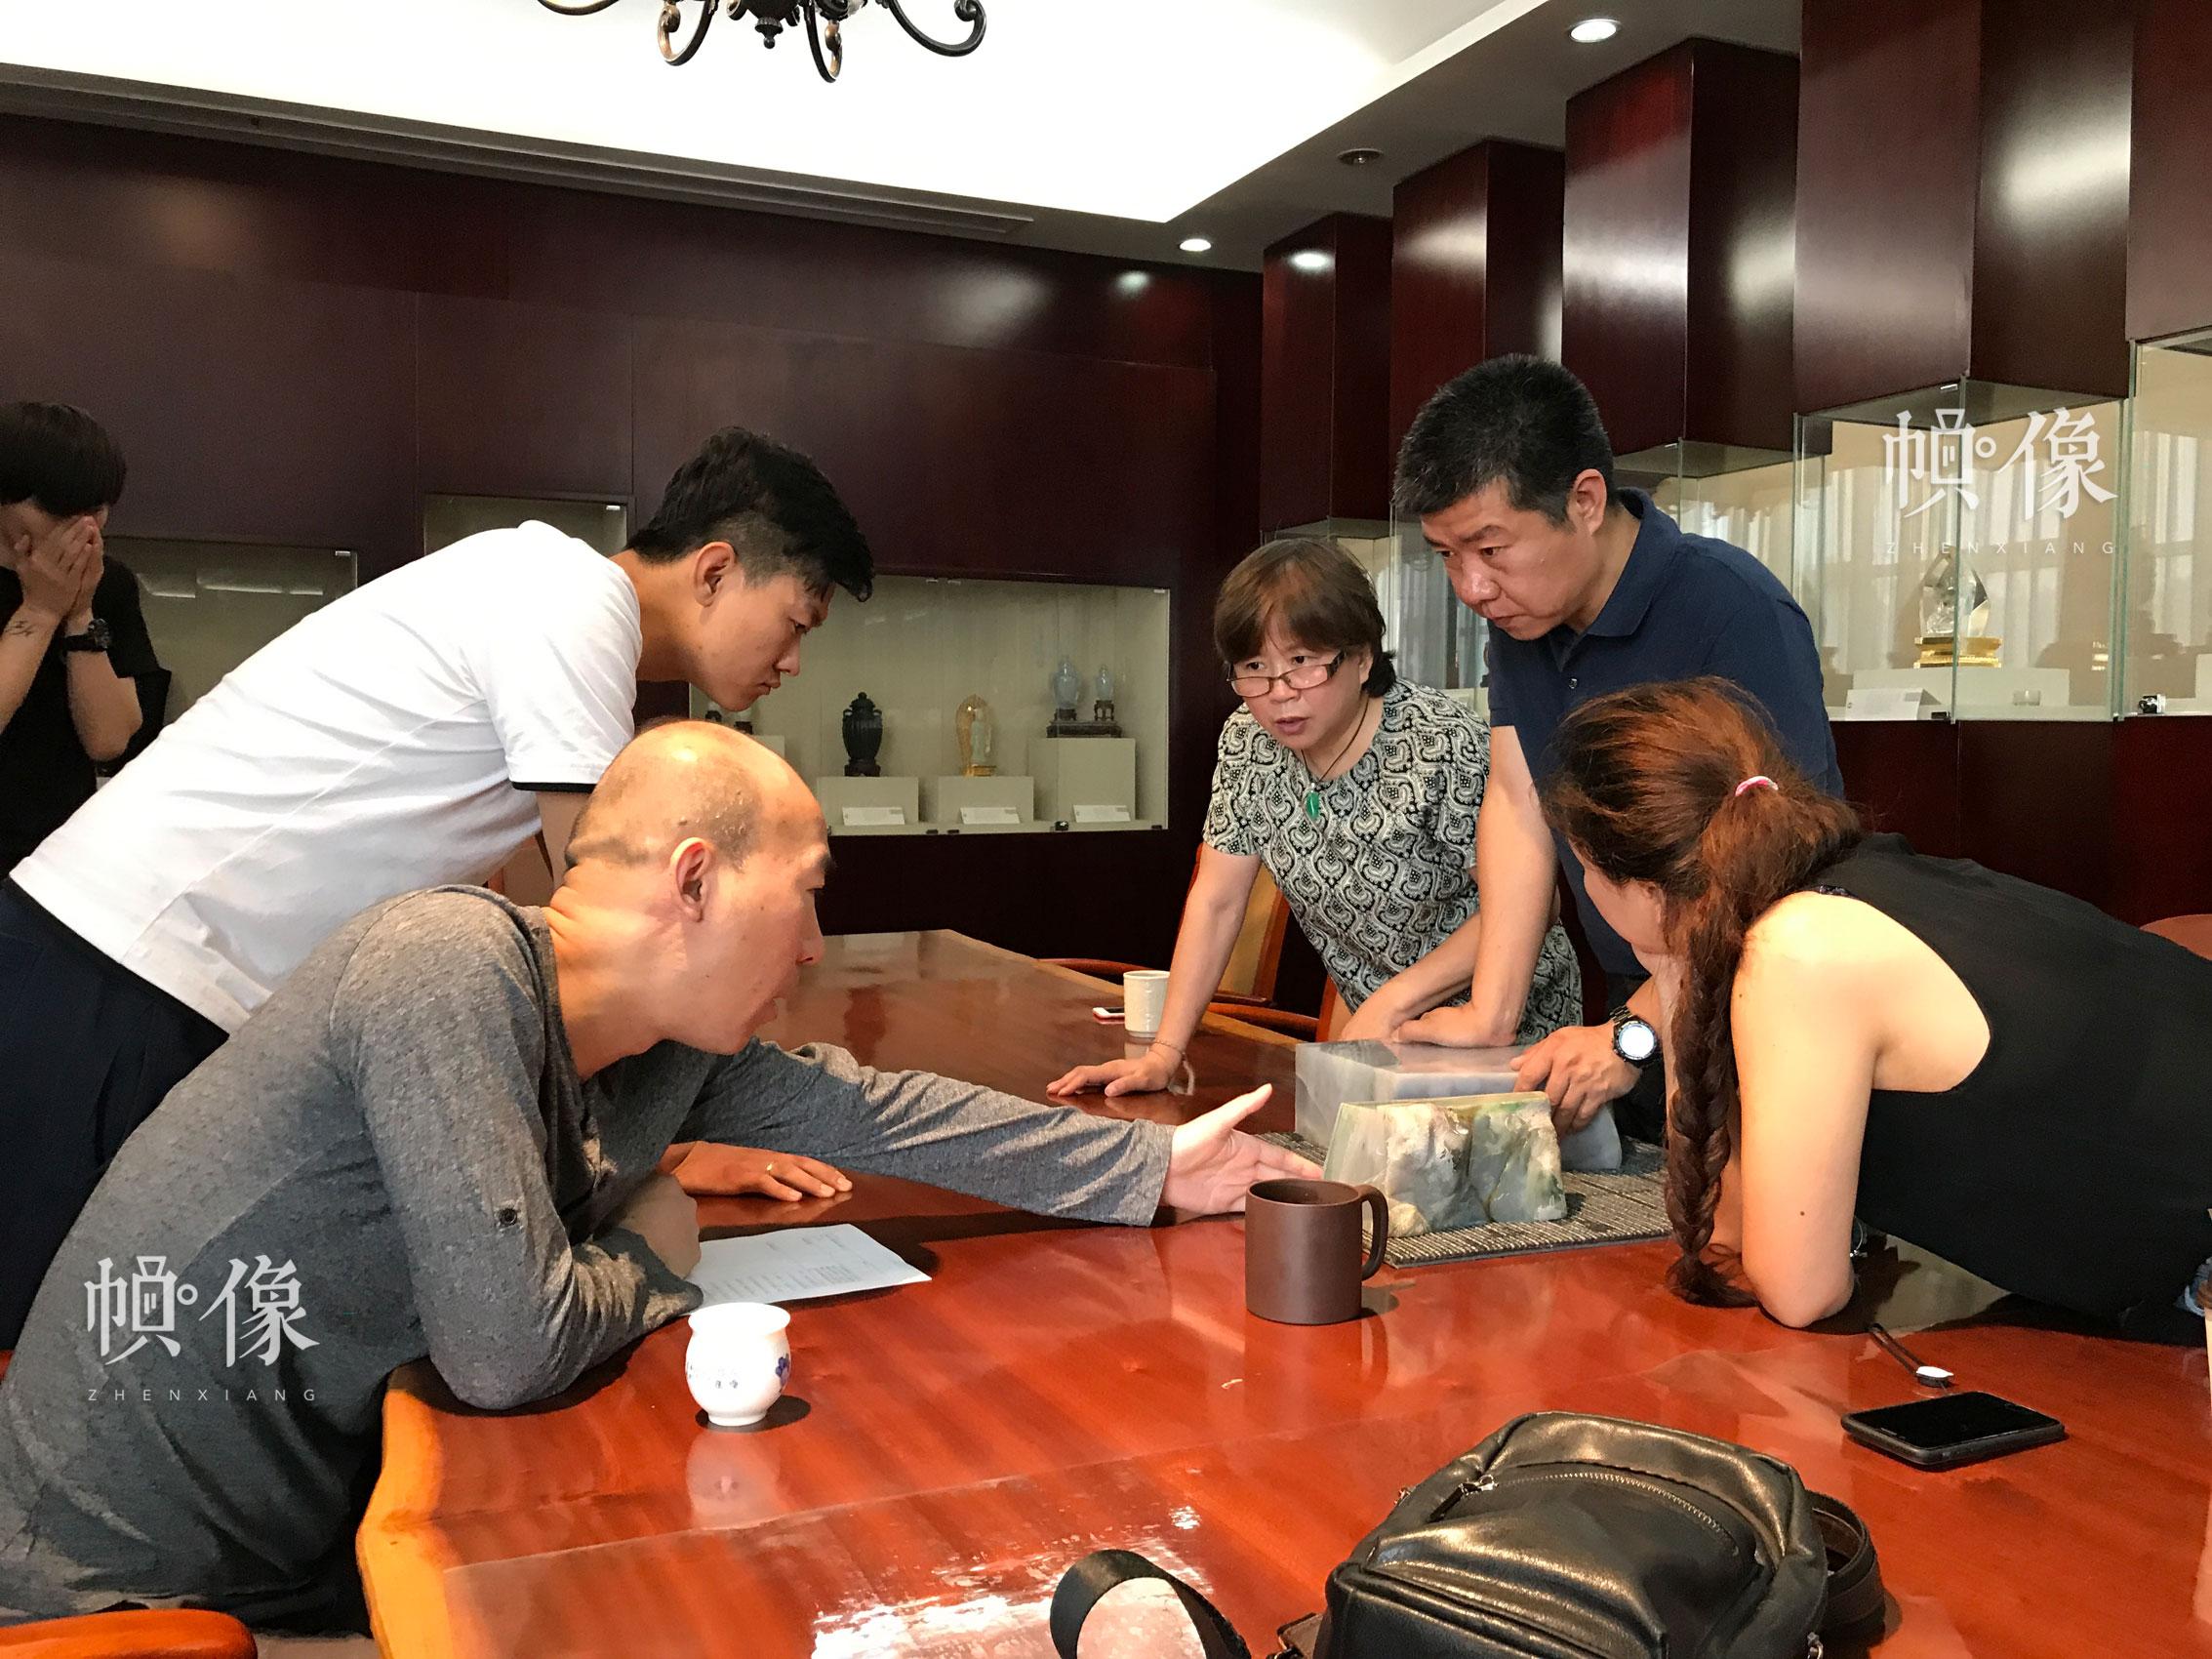 中国玉雕大师张铁成和团队成员就玉器雕刻进行讨论。张铁成大师团队供图